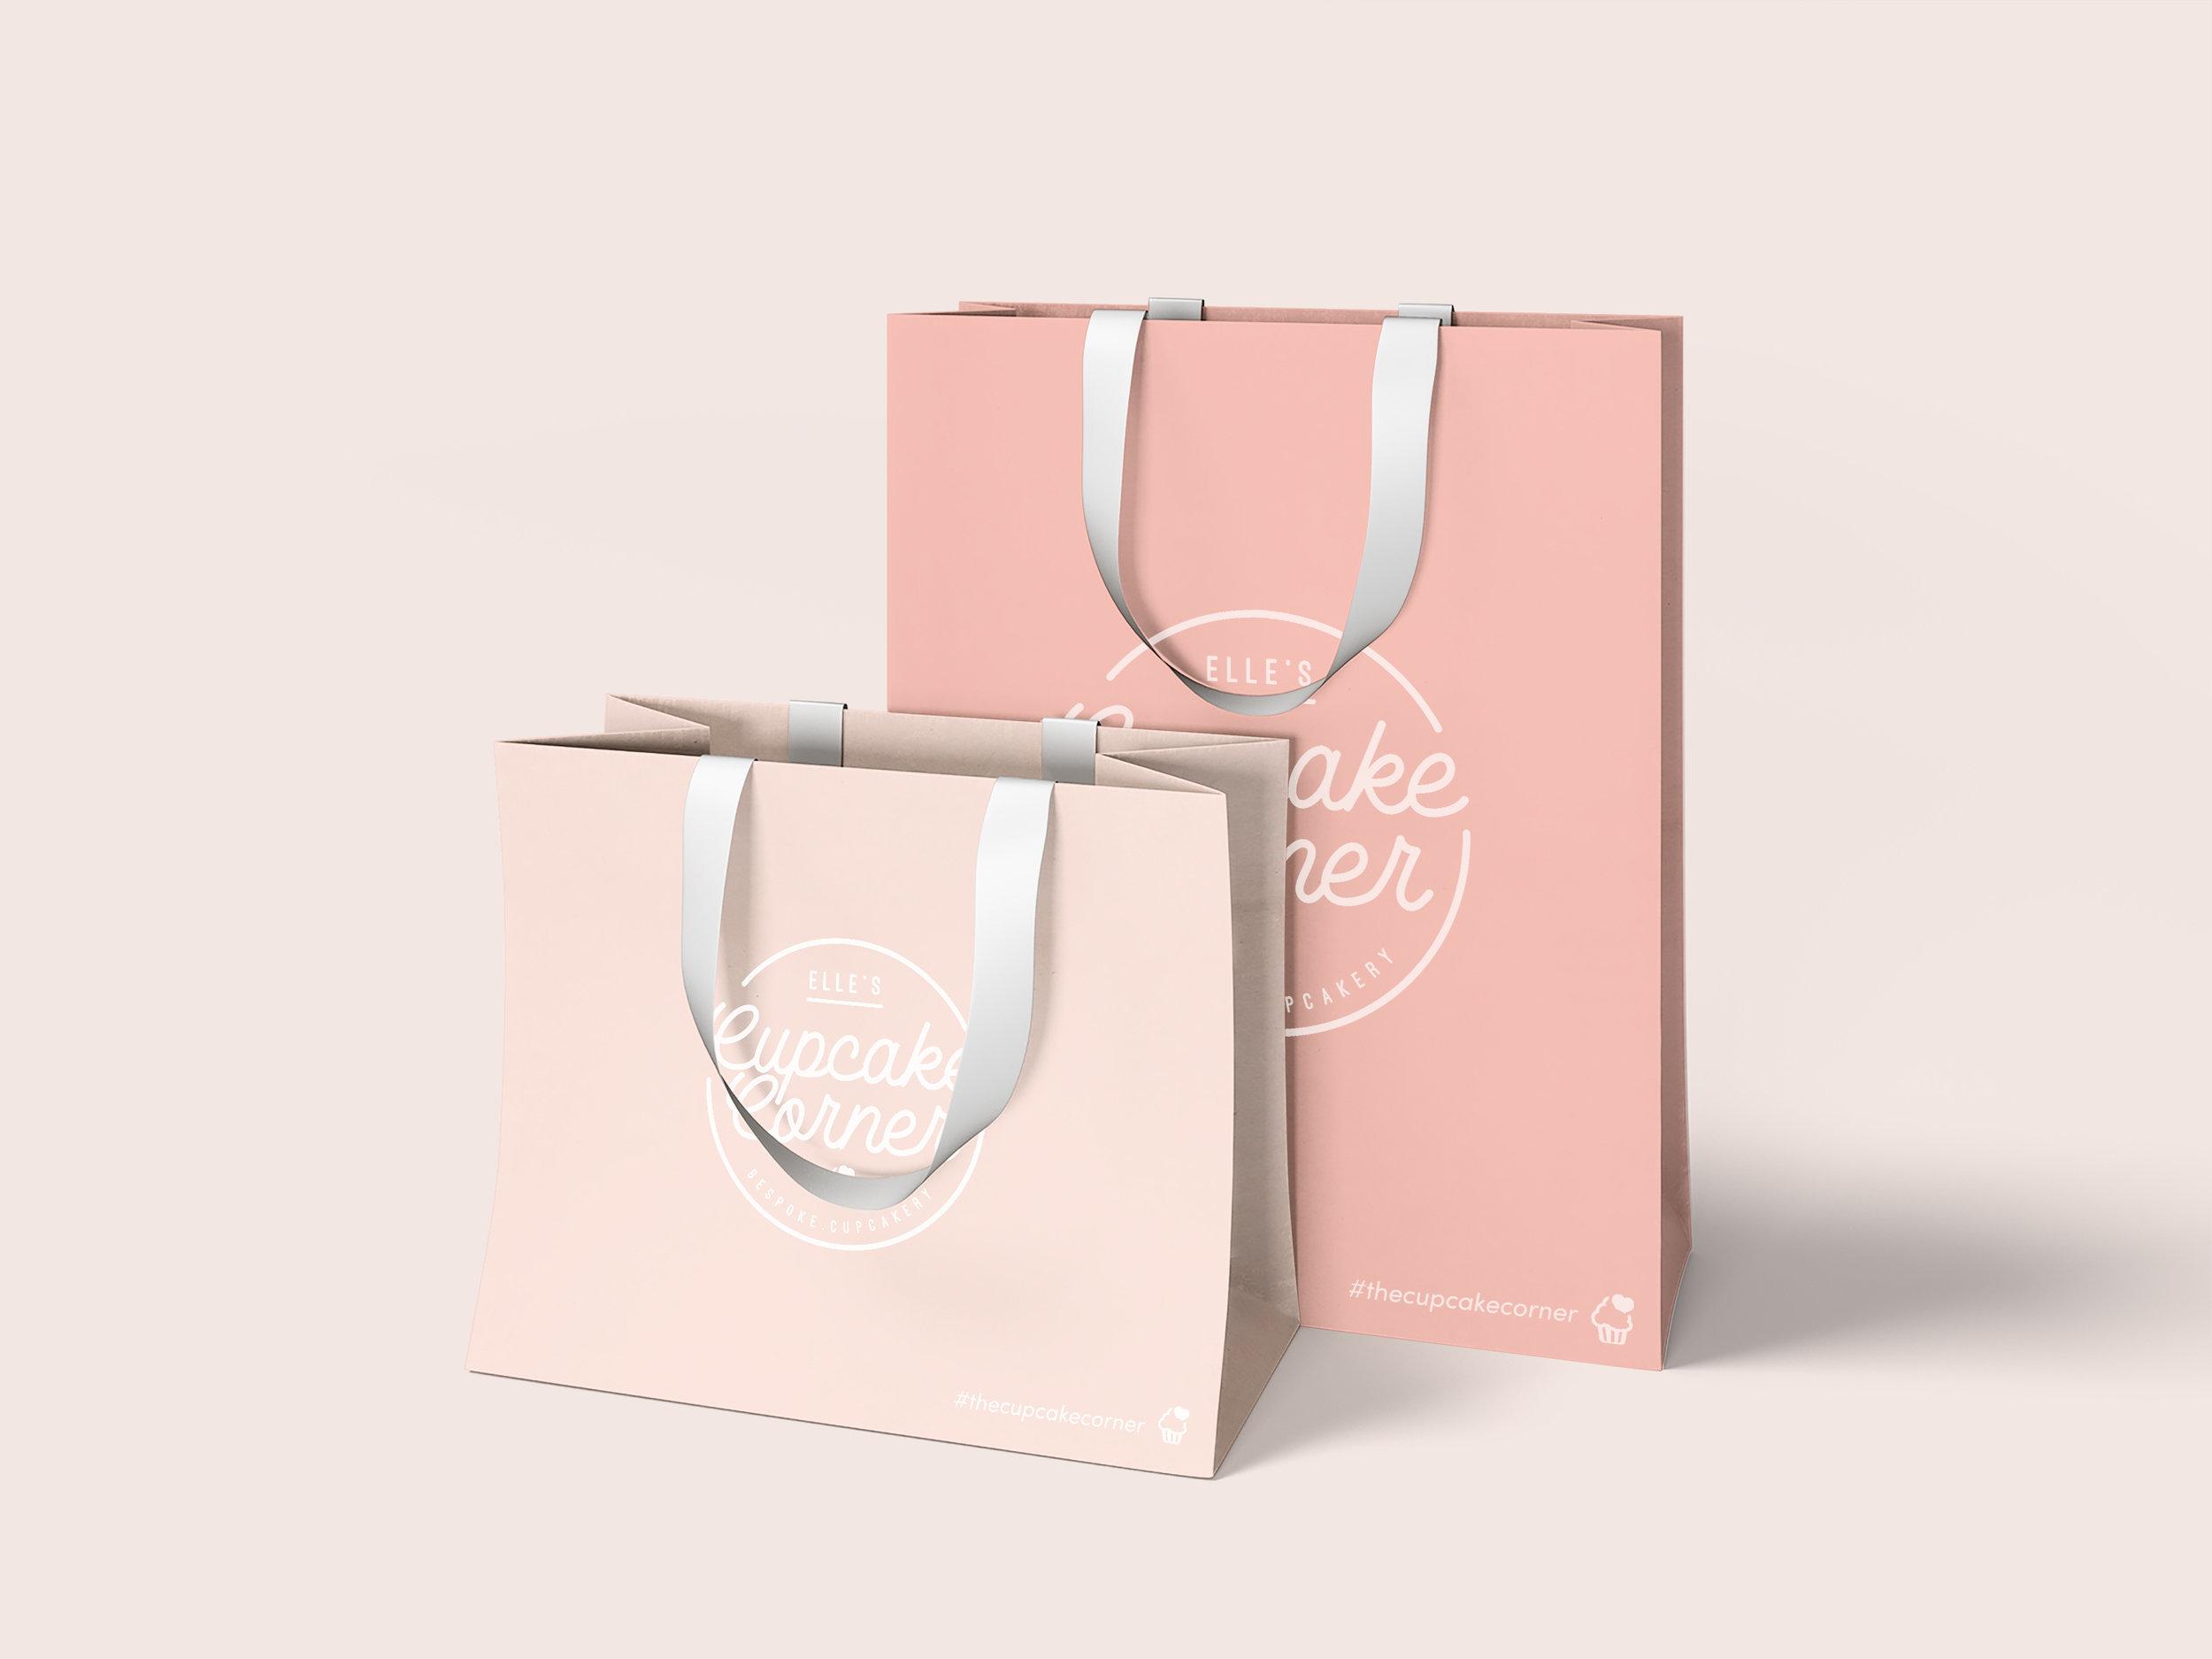 elles-cupcakes-bags.jpg